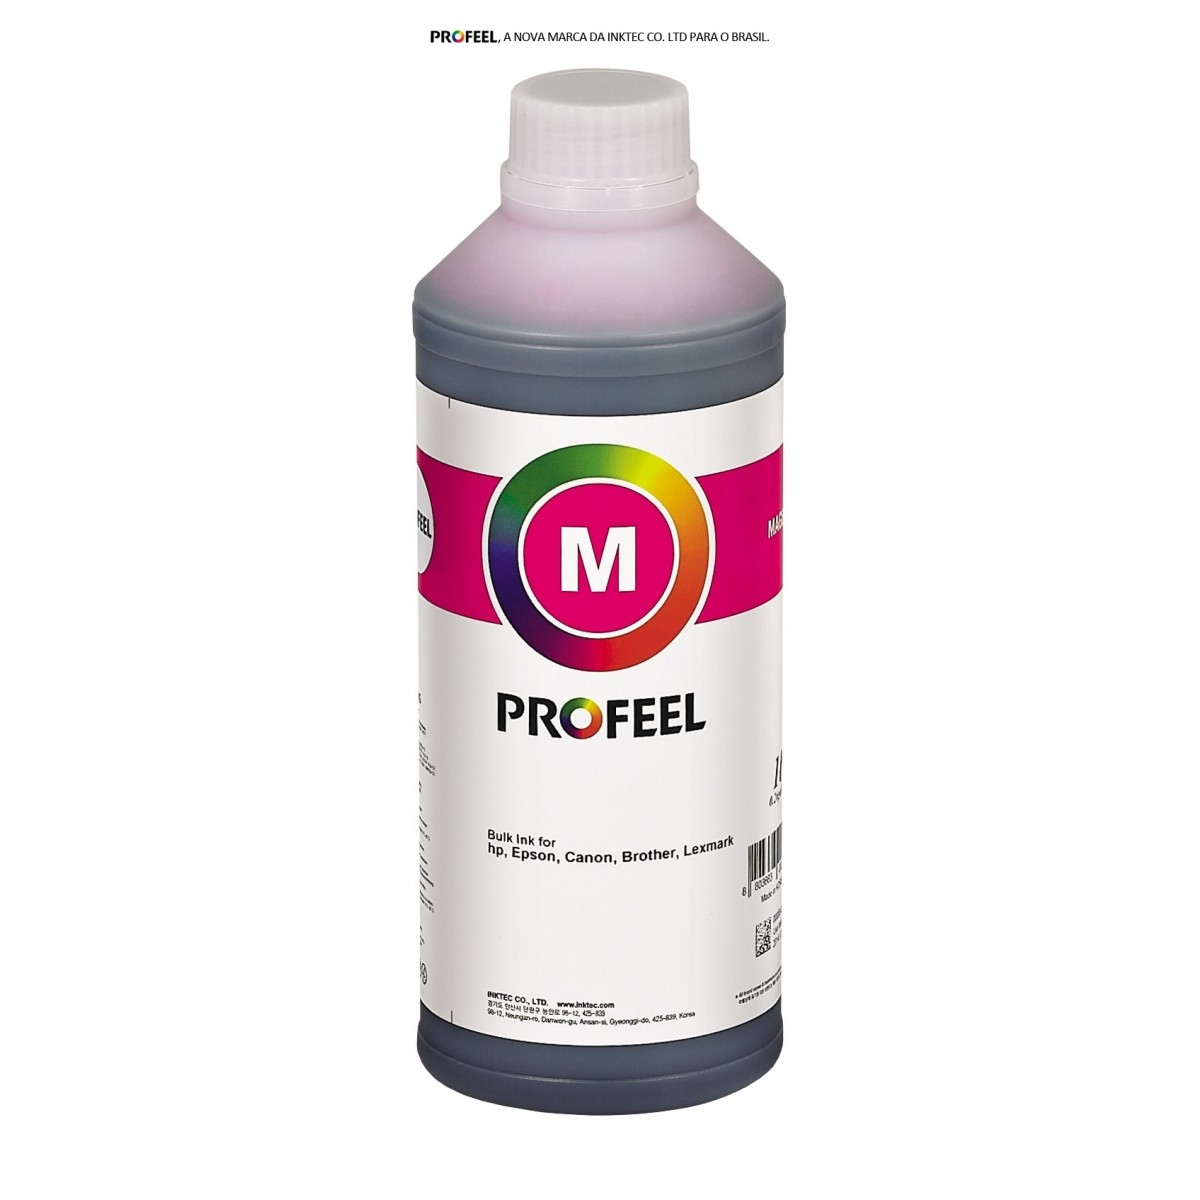 Tinta corante InkTec Profeel para Canon | modelo C5000D-01LM | Frasco de 1 litro | Cor : Magenta